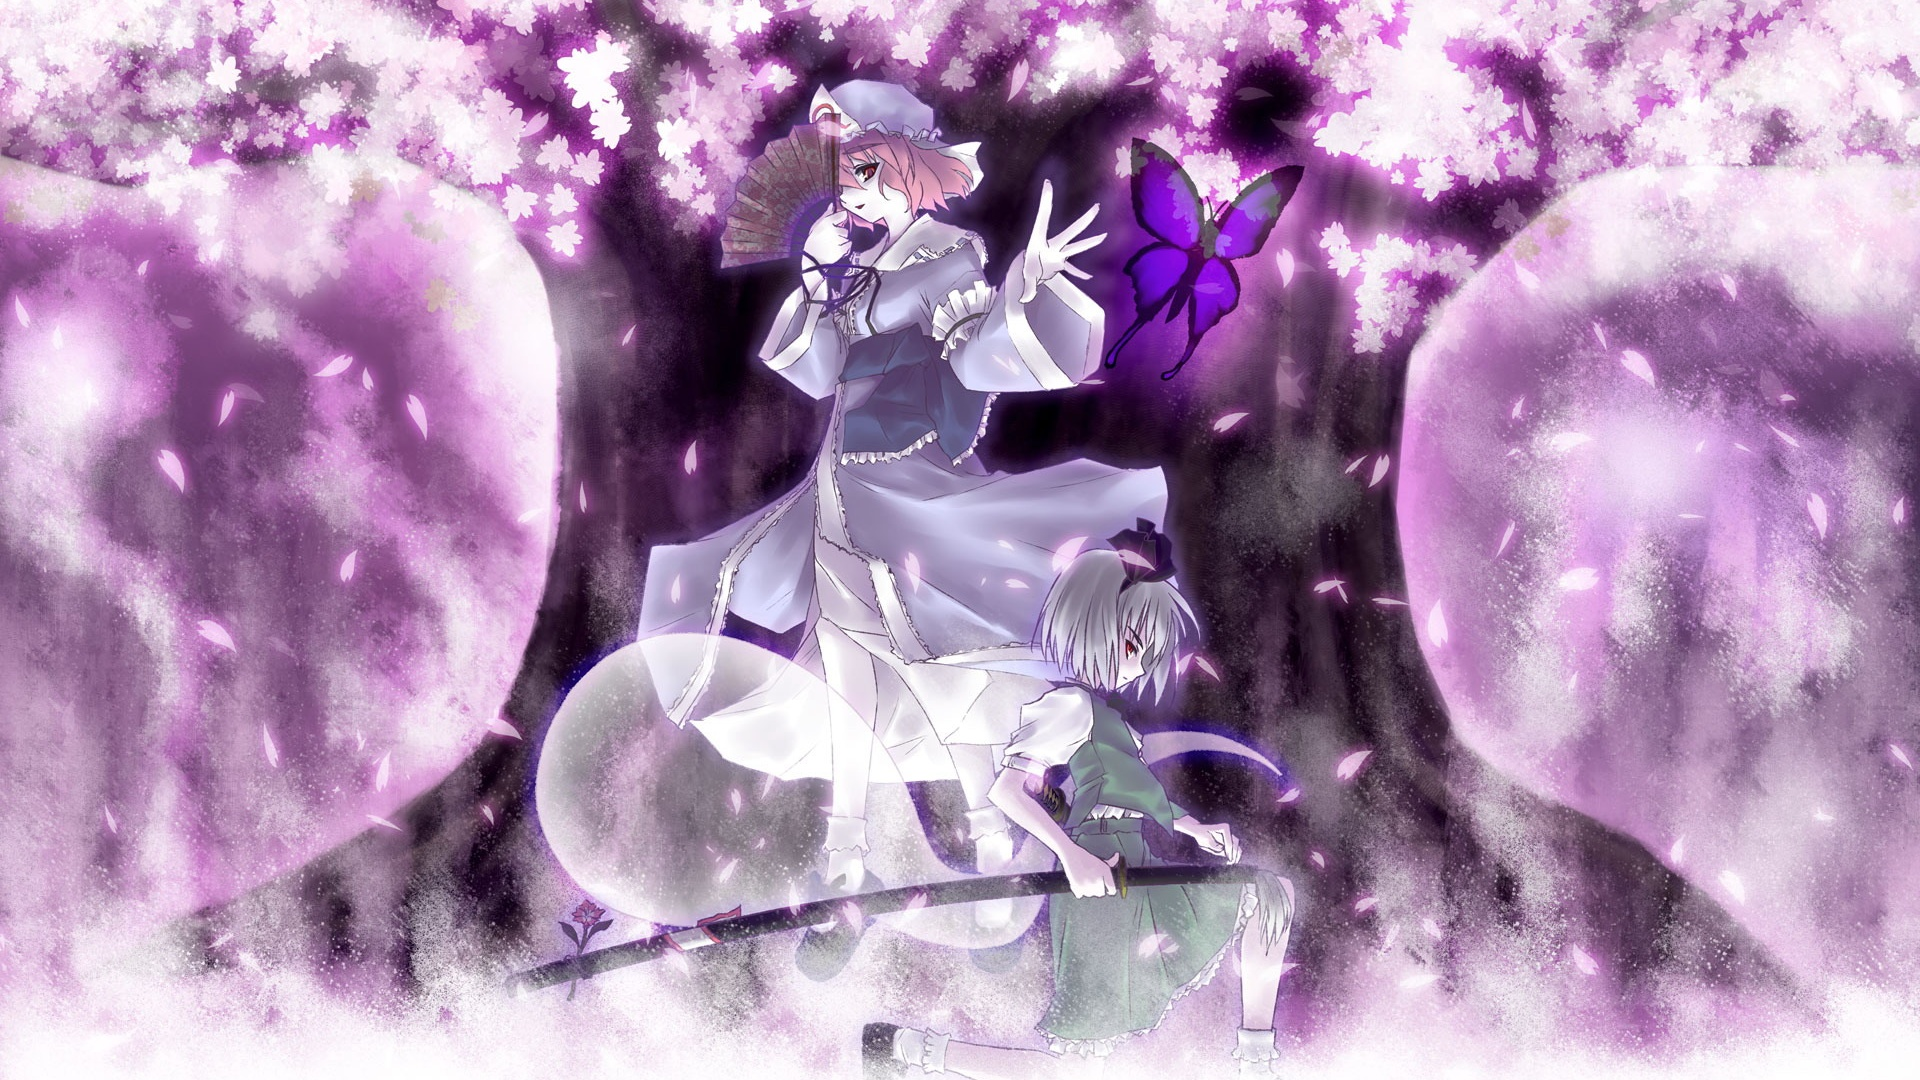 壁紙 アニメの女の子紫の桜 1920x1200 Hd 無料のデスクトップの背景 画像